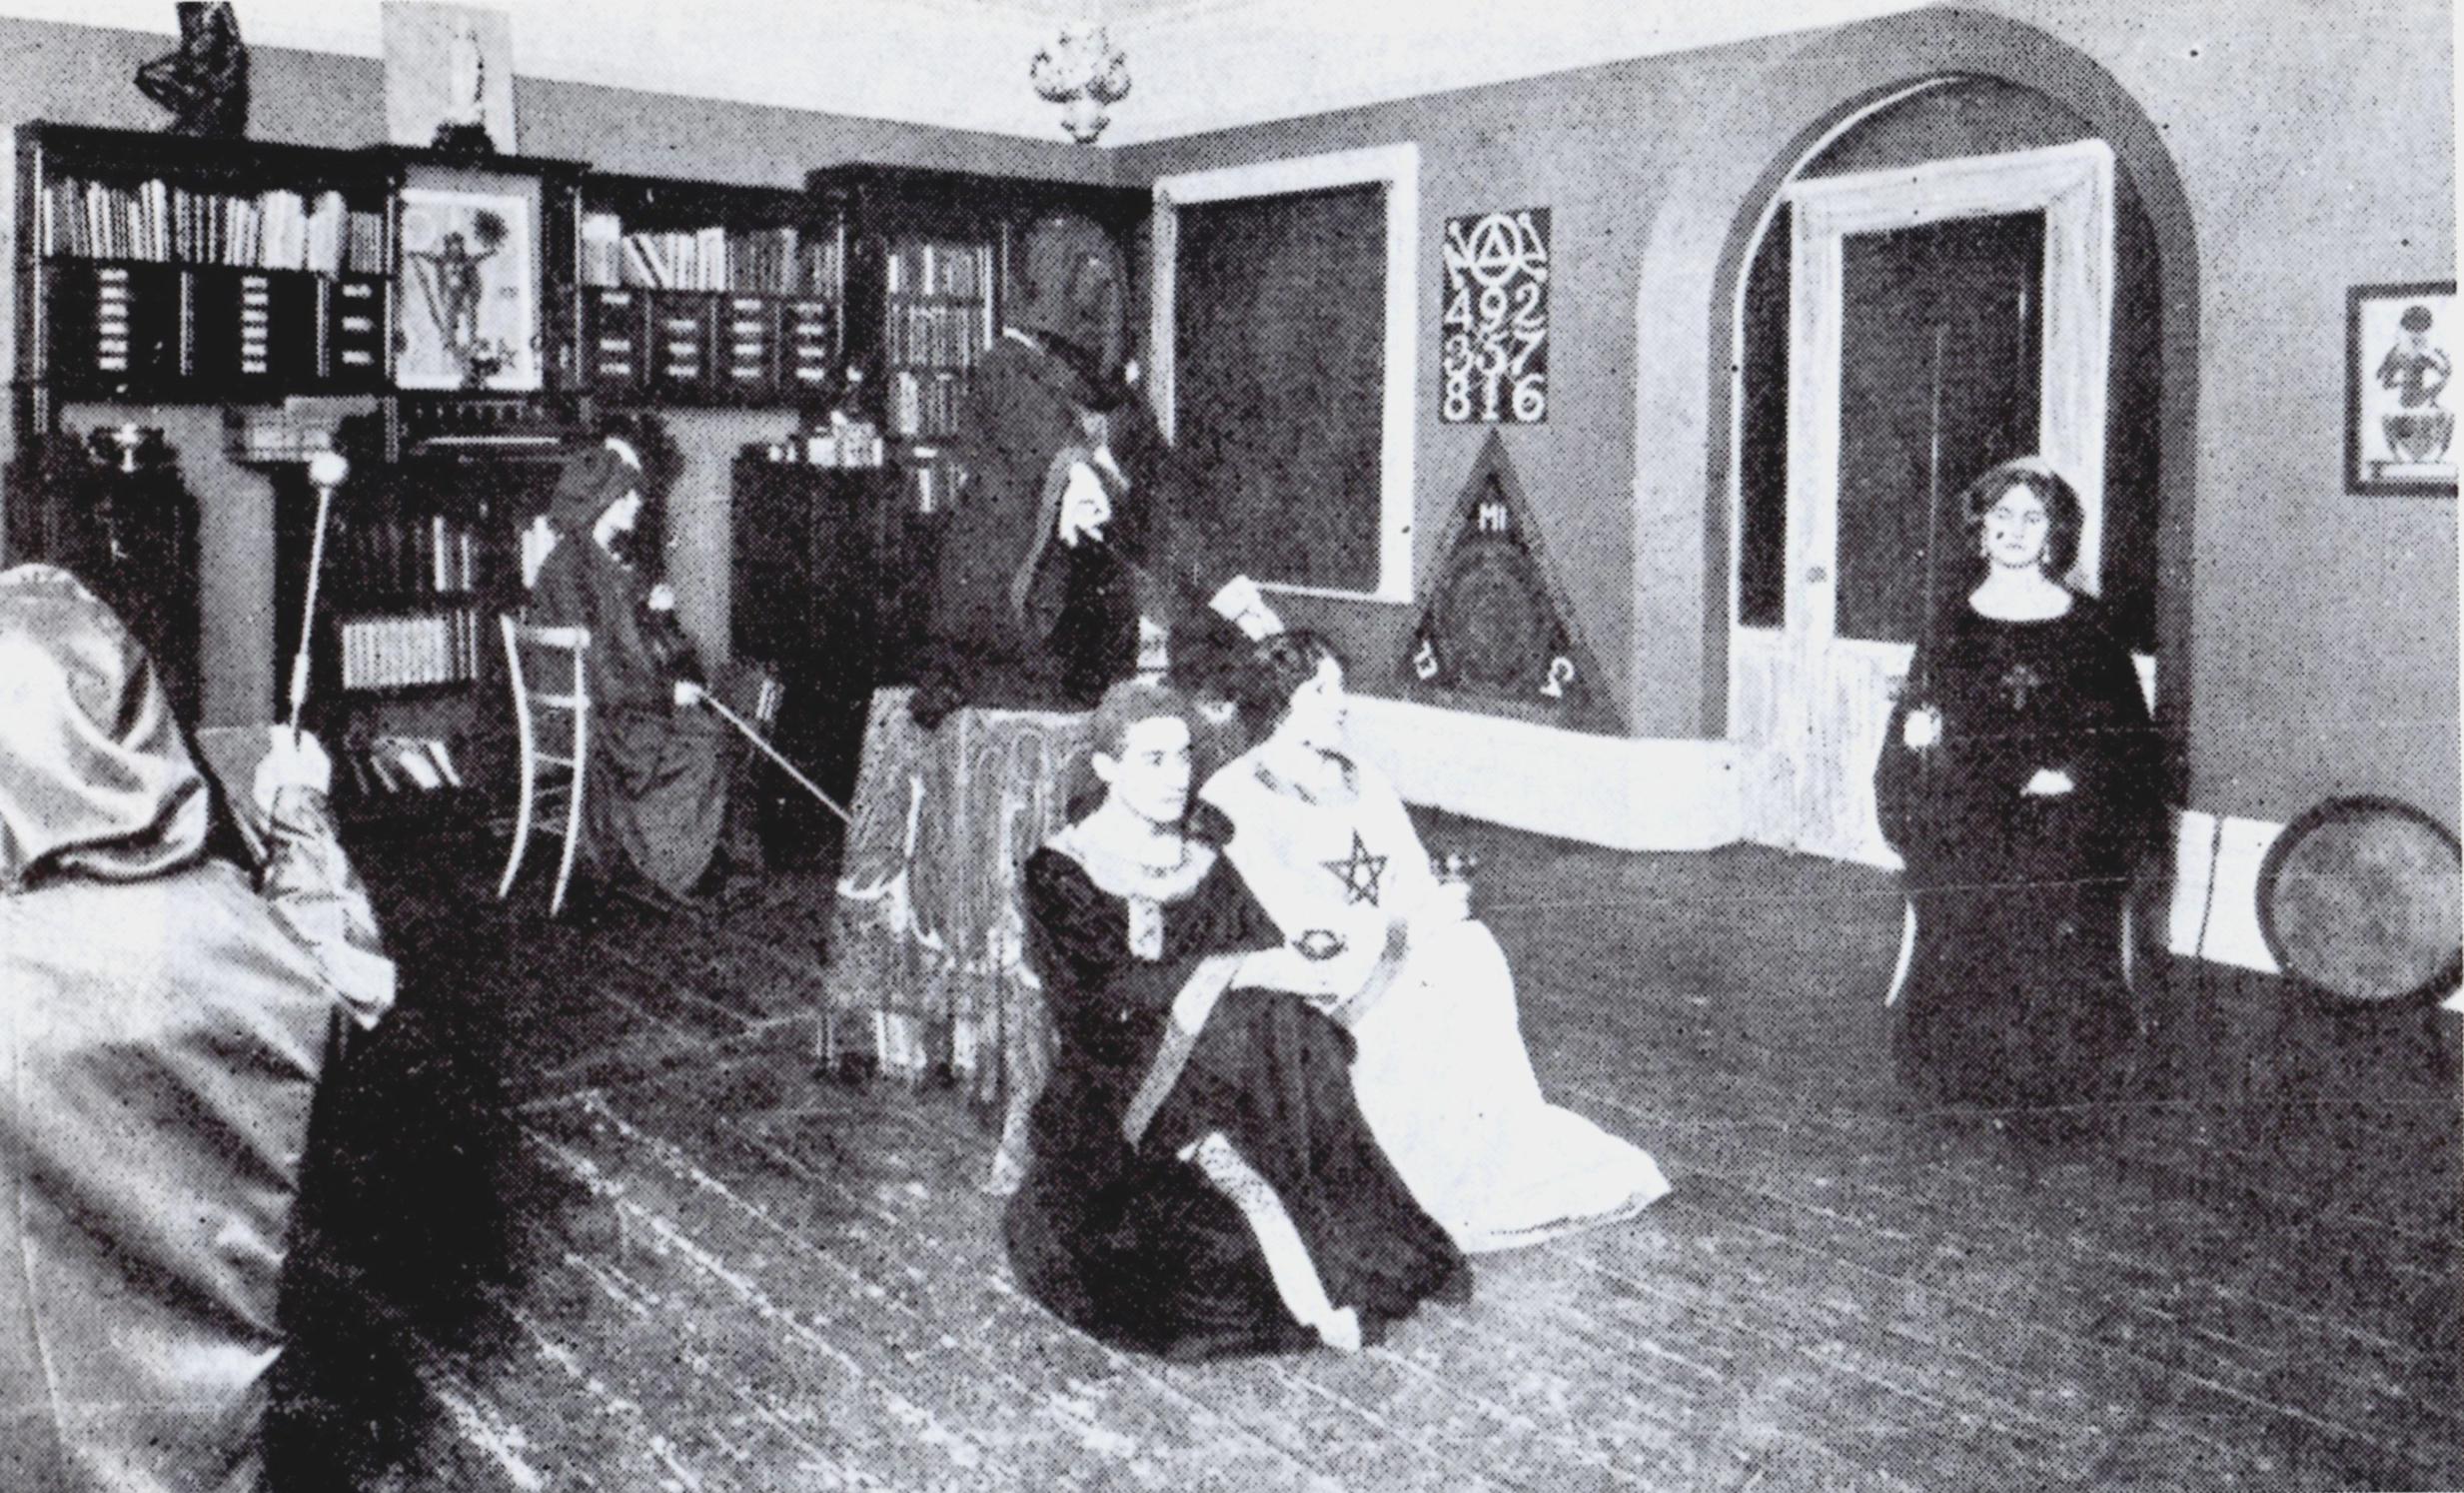 Crowley (con capucha negra) y sus fieles durante uno de sus rituales en la sede de Victorian Street